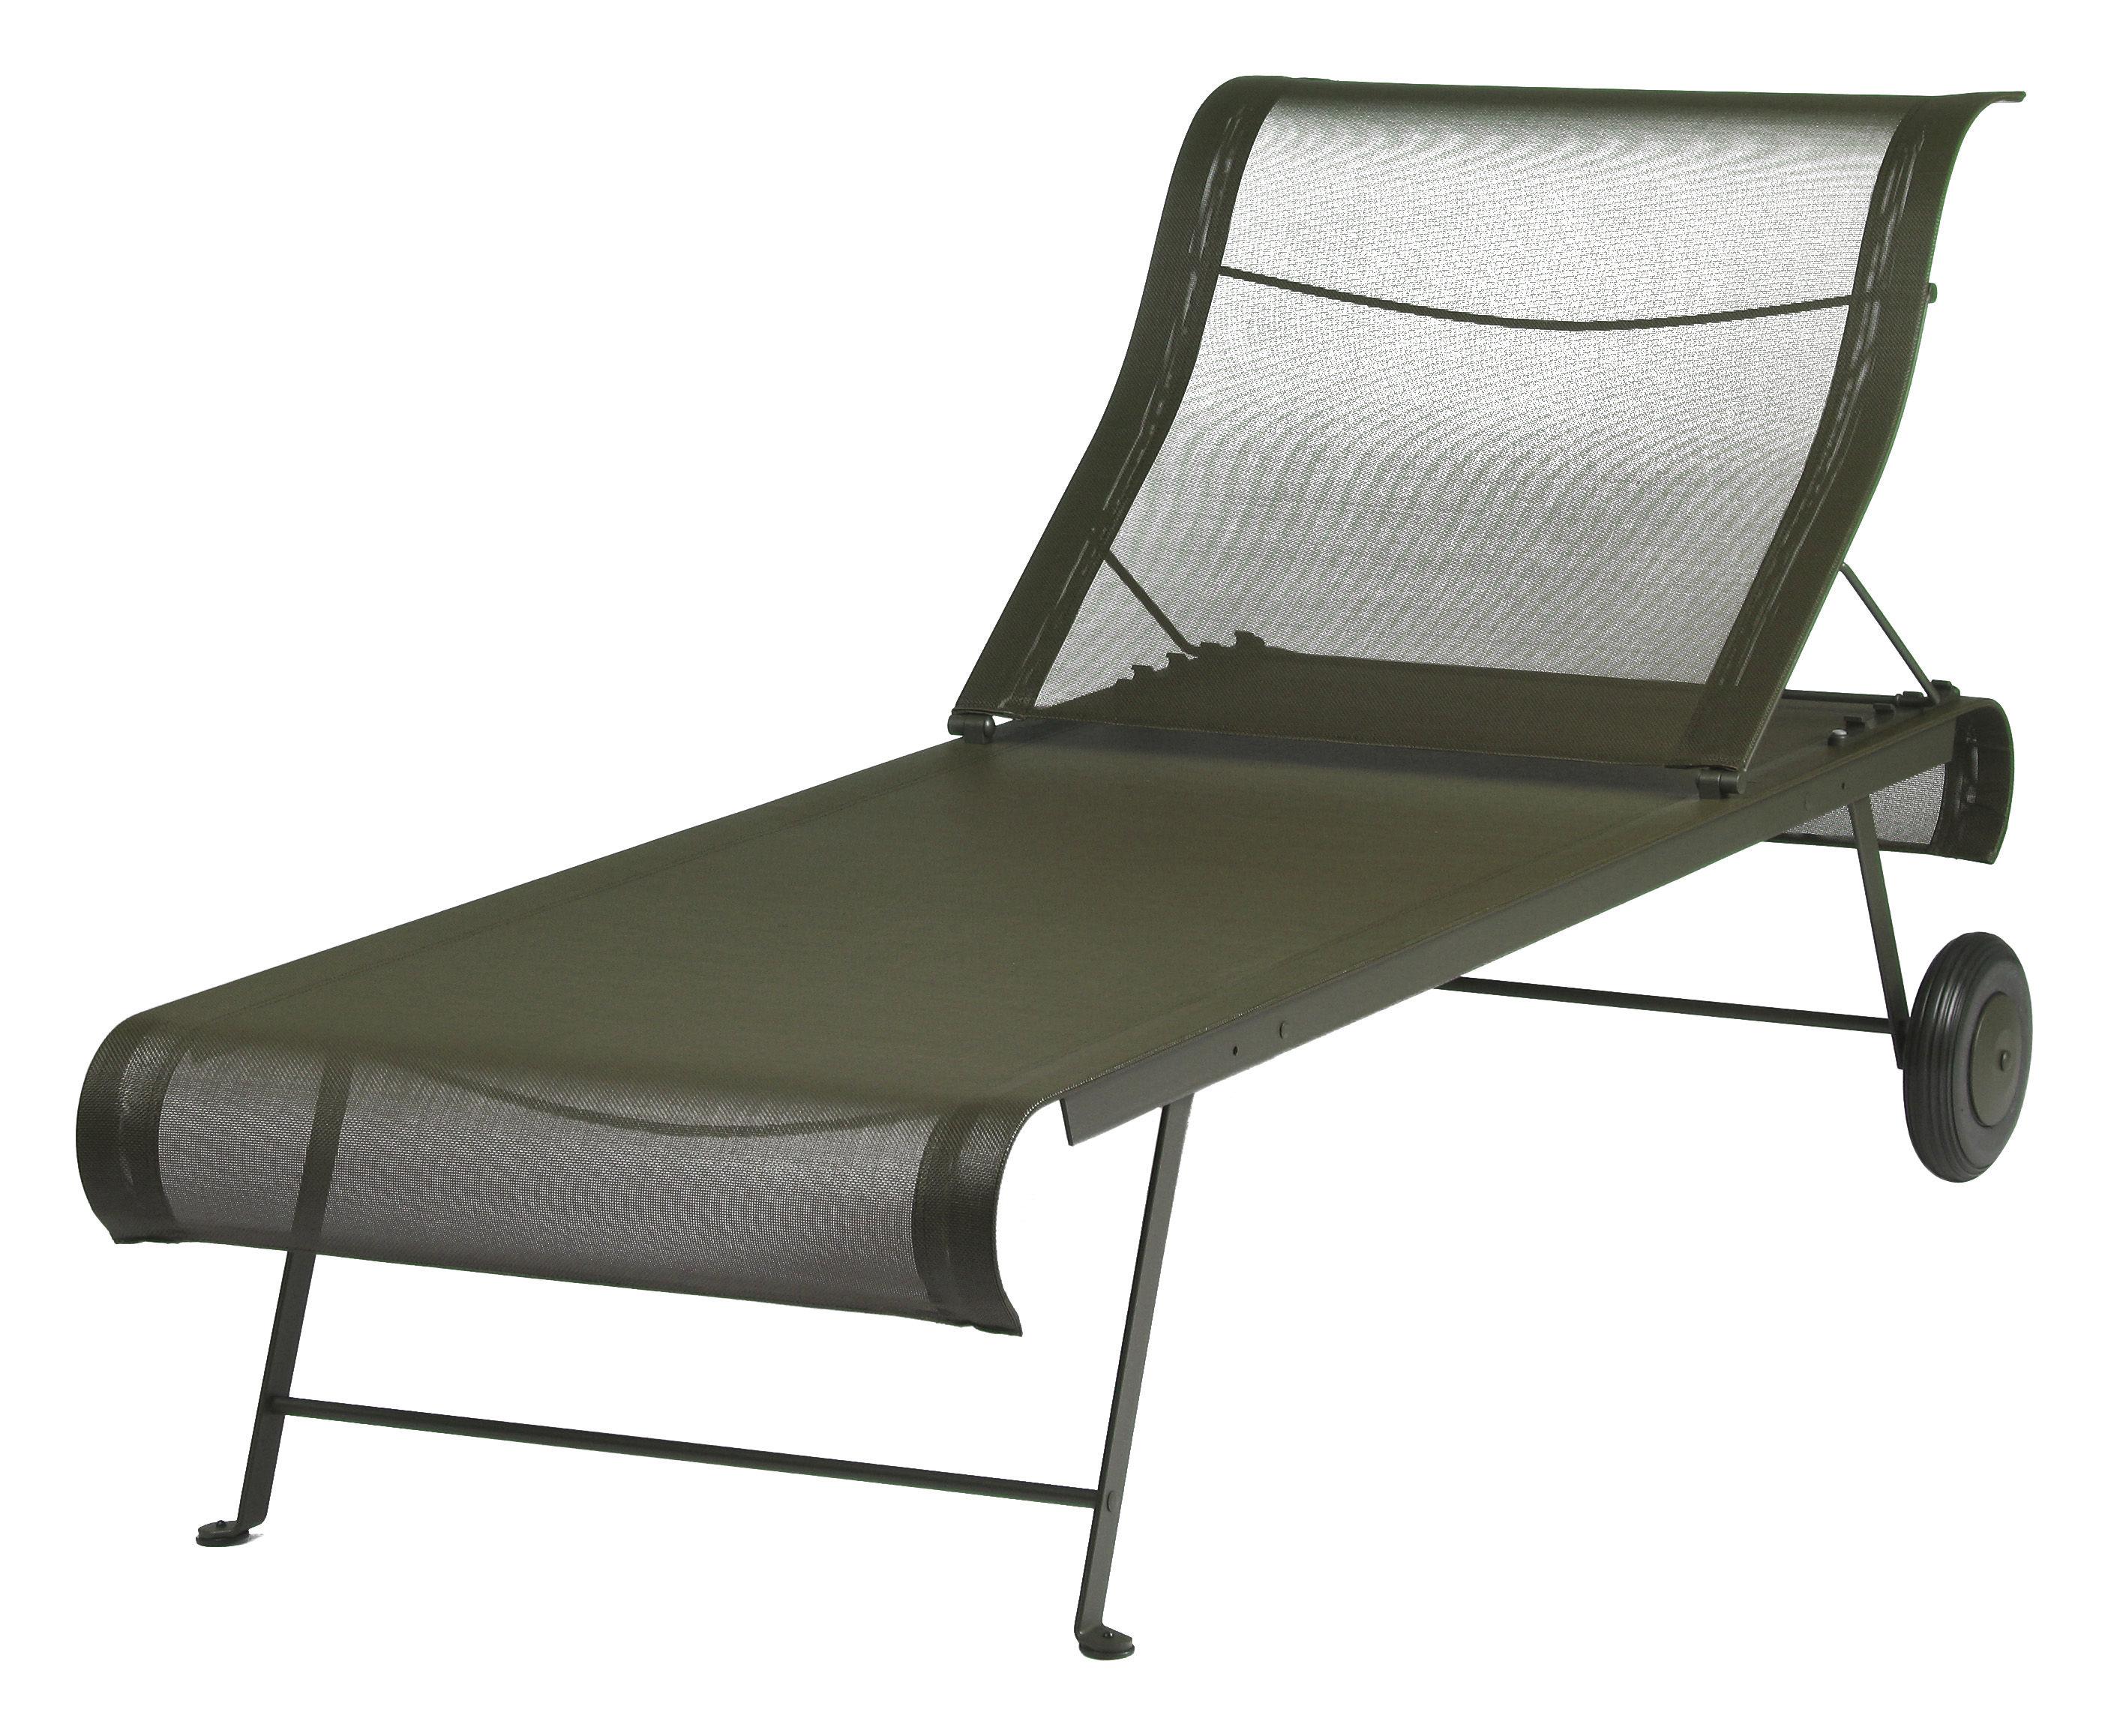 scopri lettino da sole dune savana di fermob made in design italia. Black Bedroom Furniture Sets. Home Design Ideas